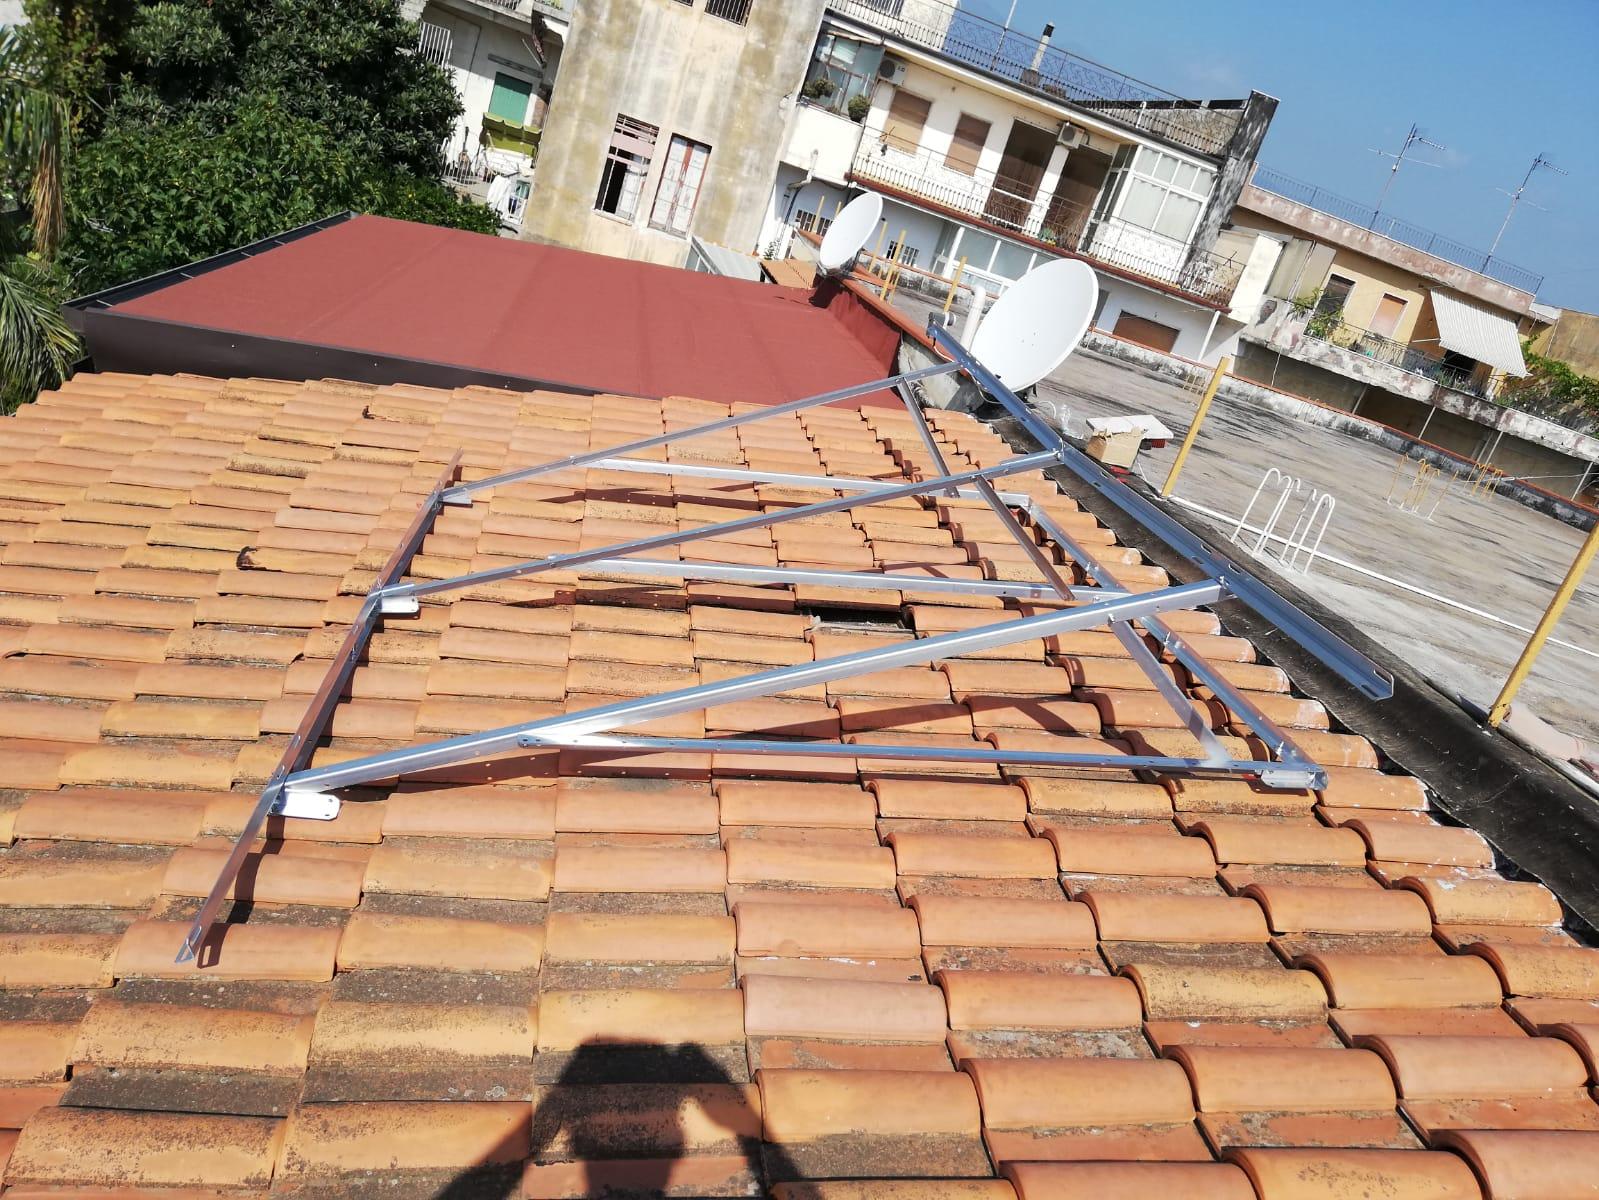 Struttura metallica installata su tegolato per solare termico a 3 pannelli